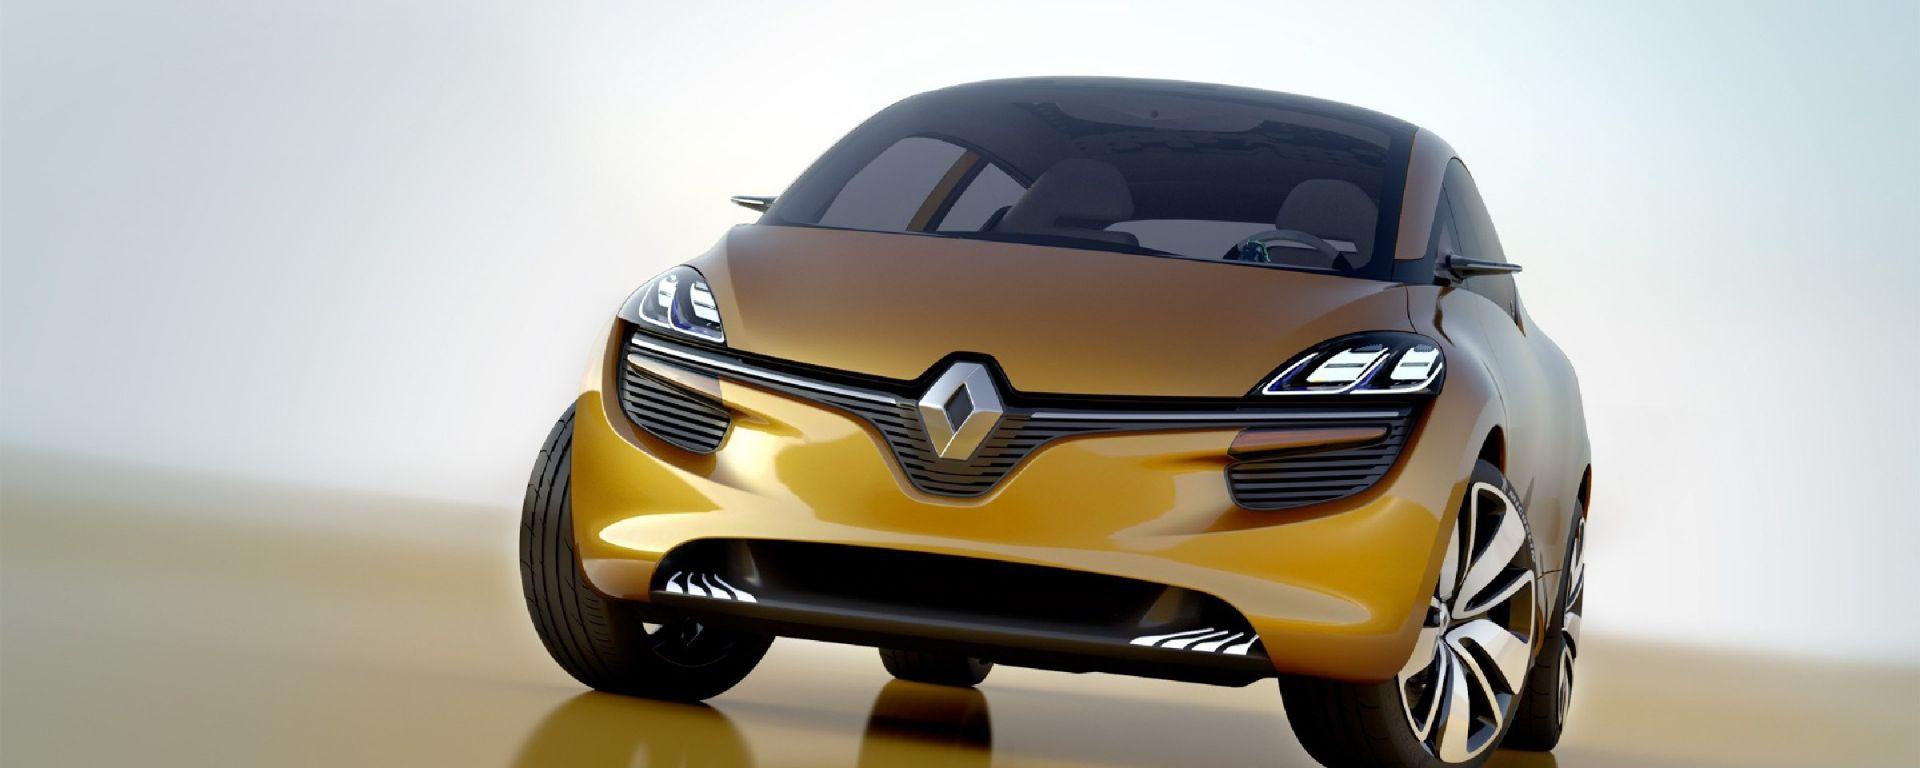 Le nuove foto in HD della Renault R-Space concept